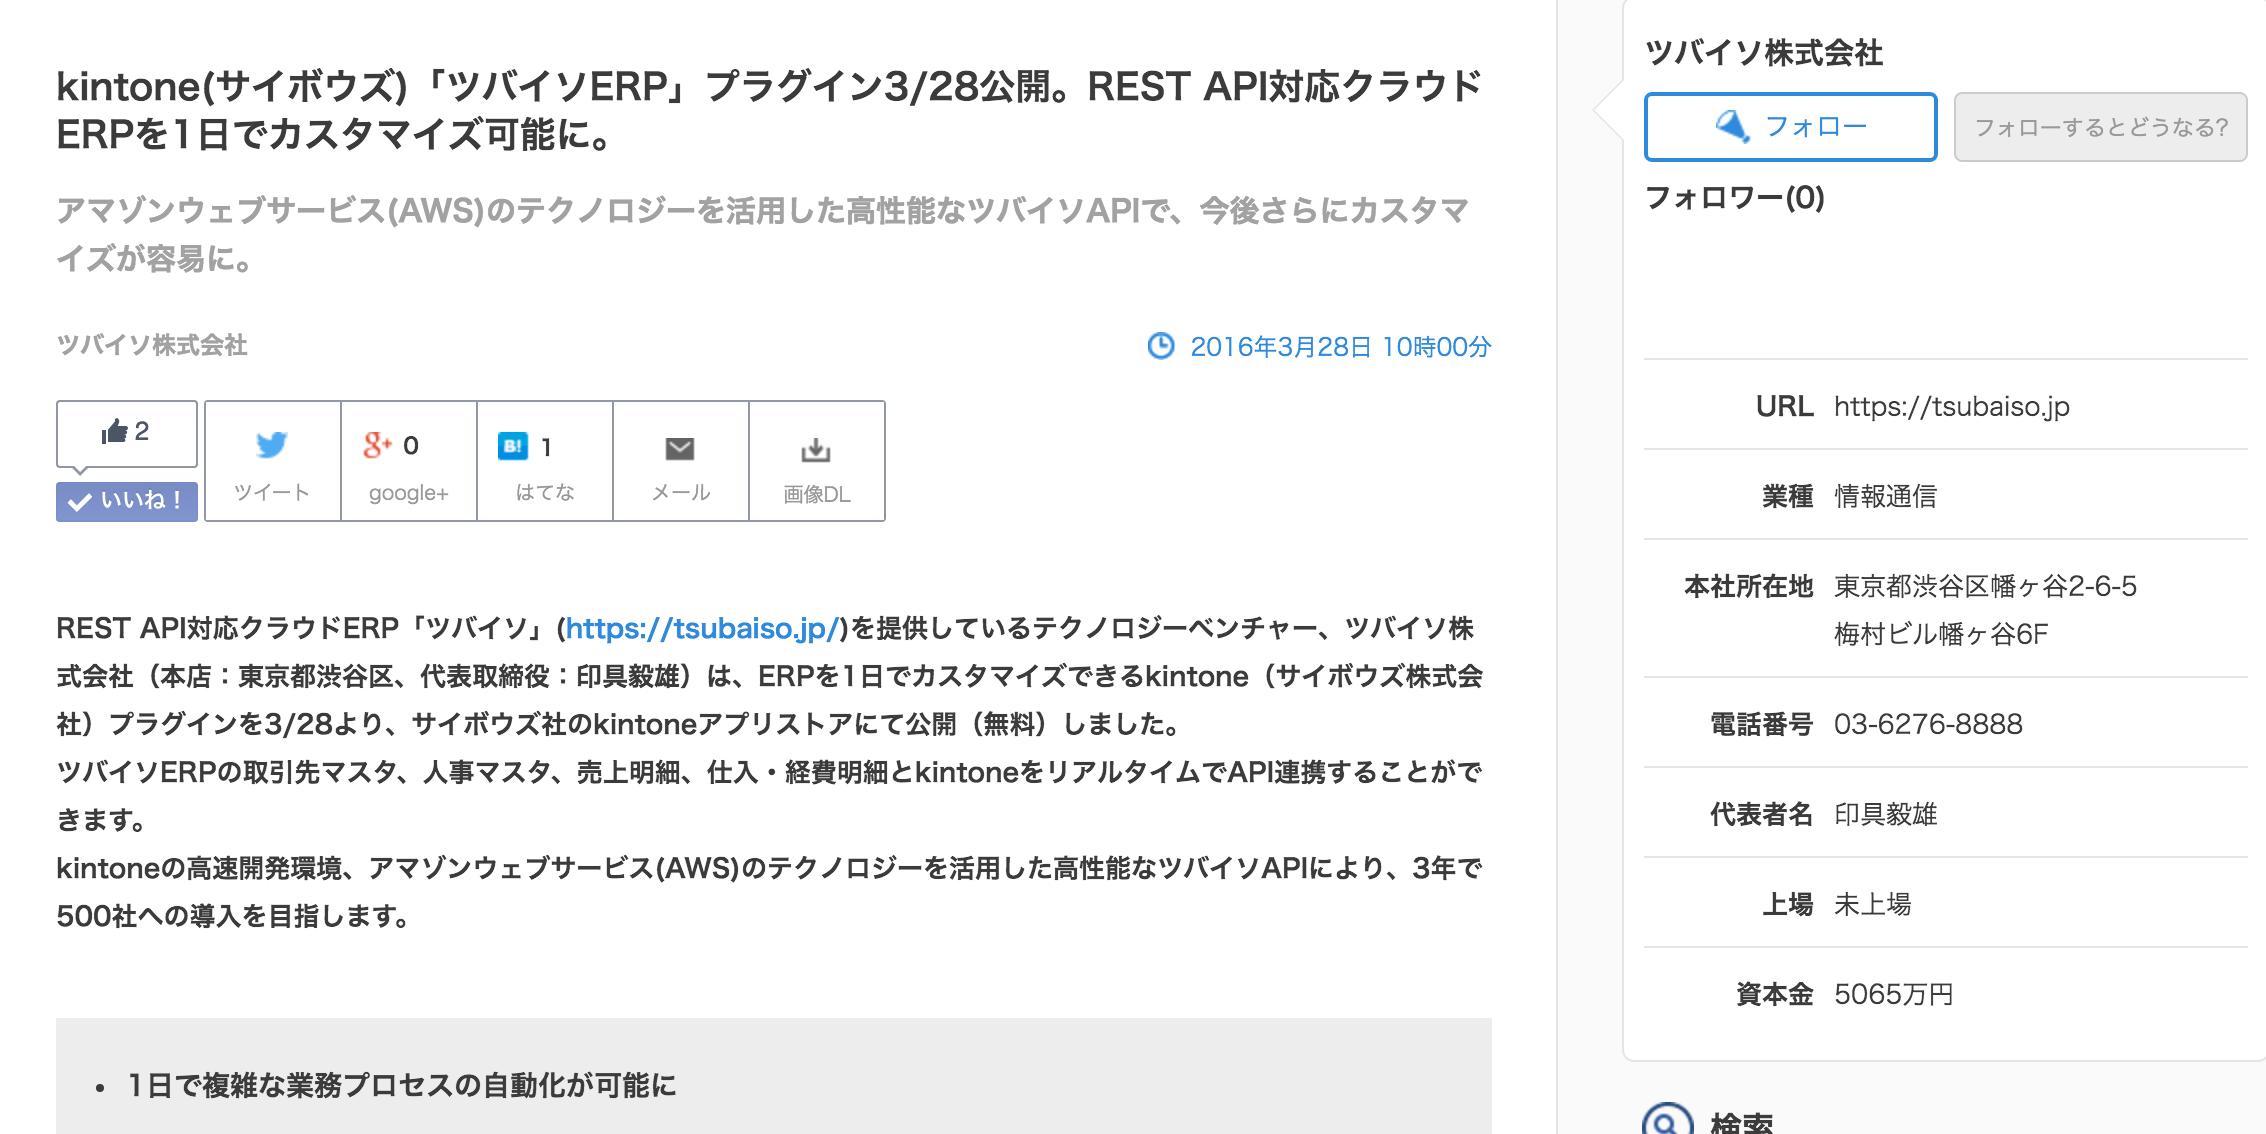 (プレスリリース)kintone(サイボウズ)「ツバイソERP」プラグイン3/28公開。REST API対応クラウドERPを1日でカスタマイズ可能に